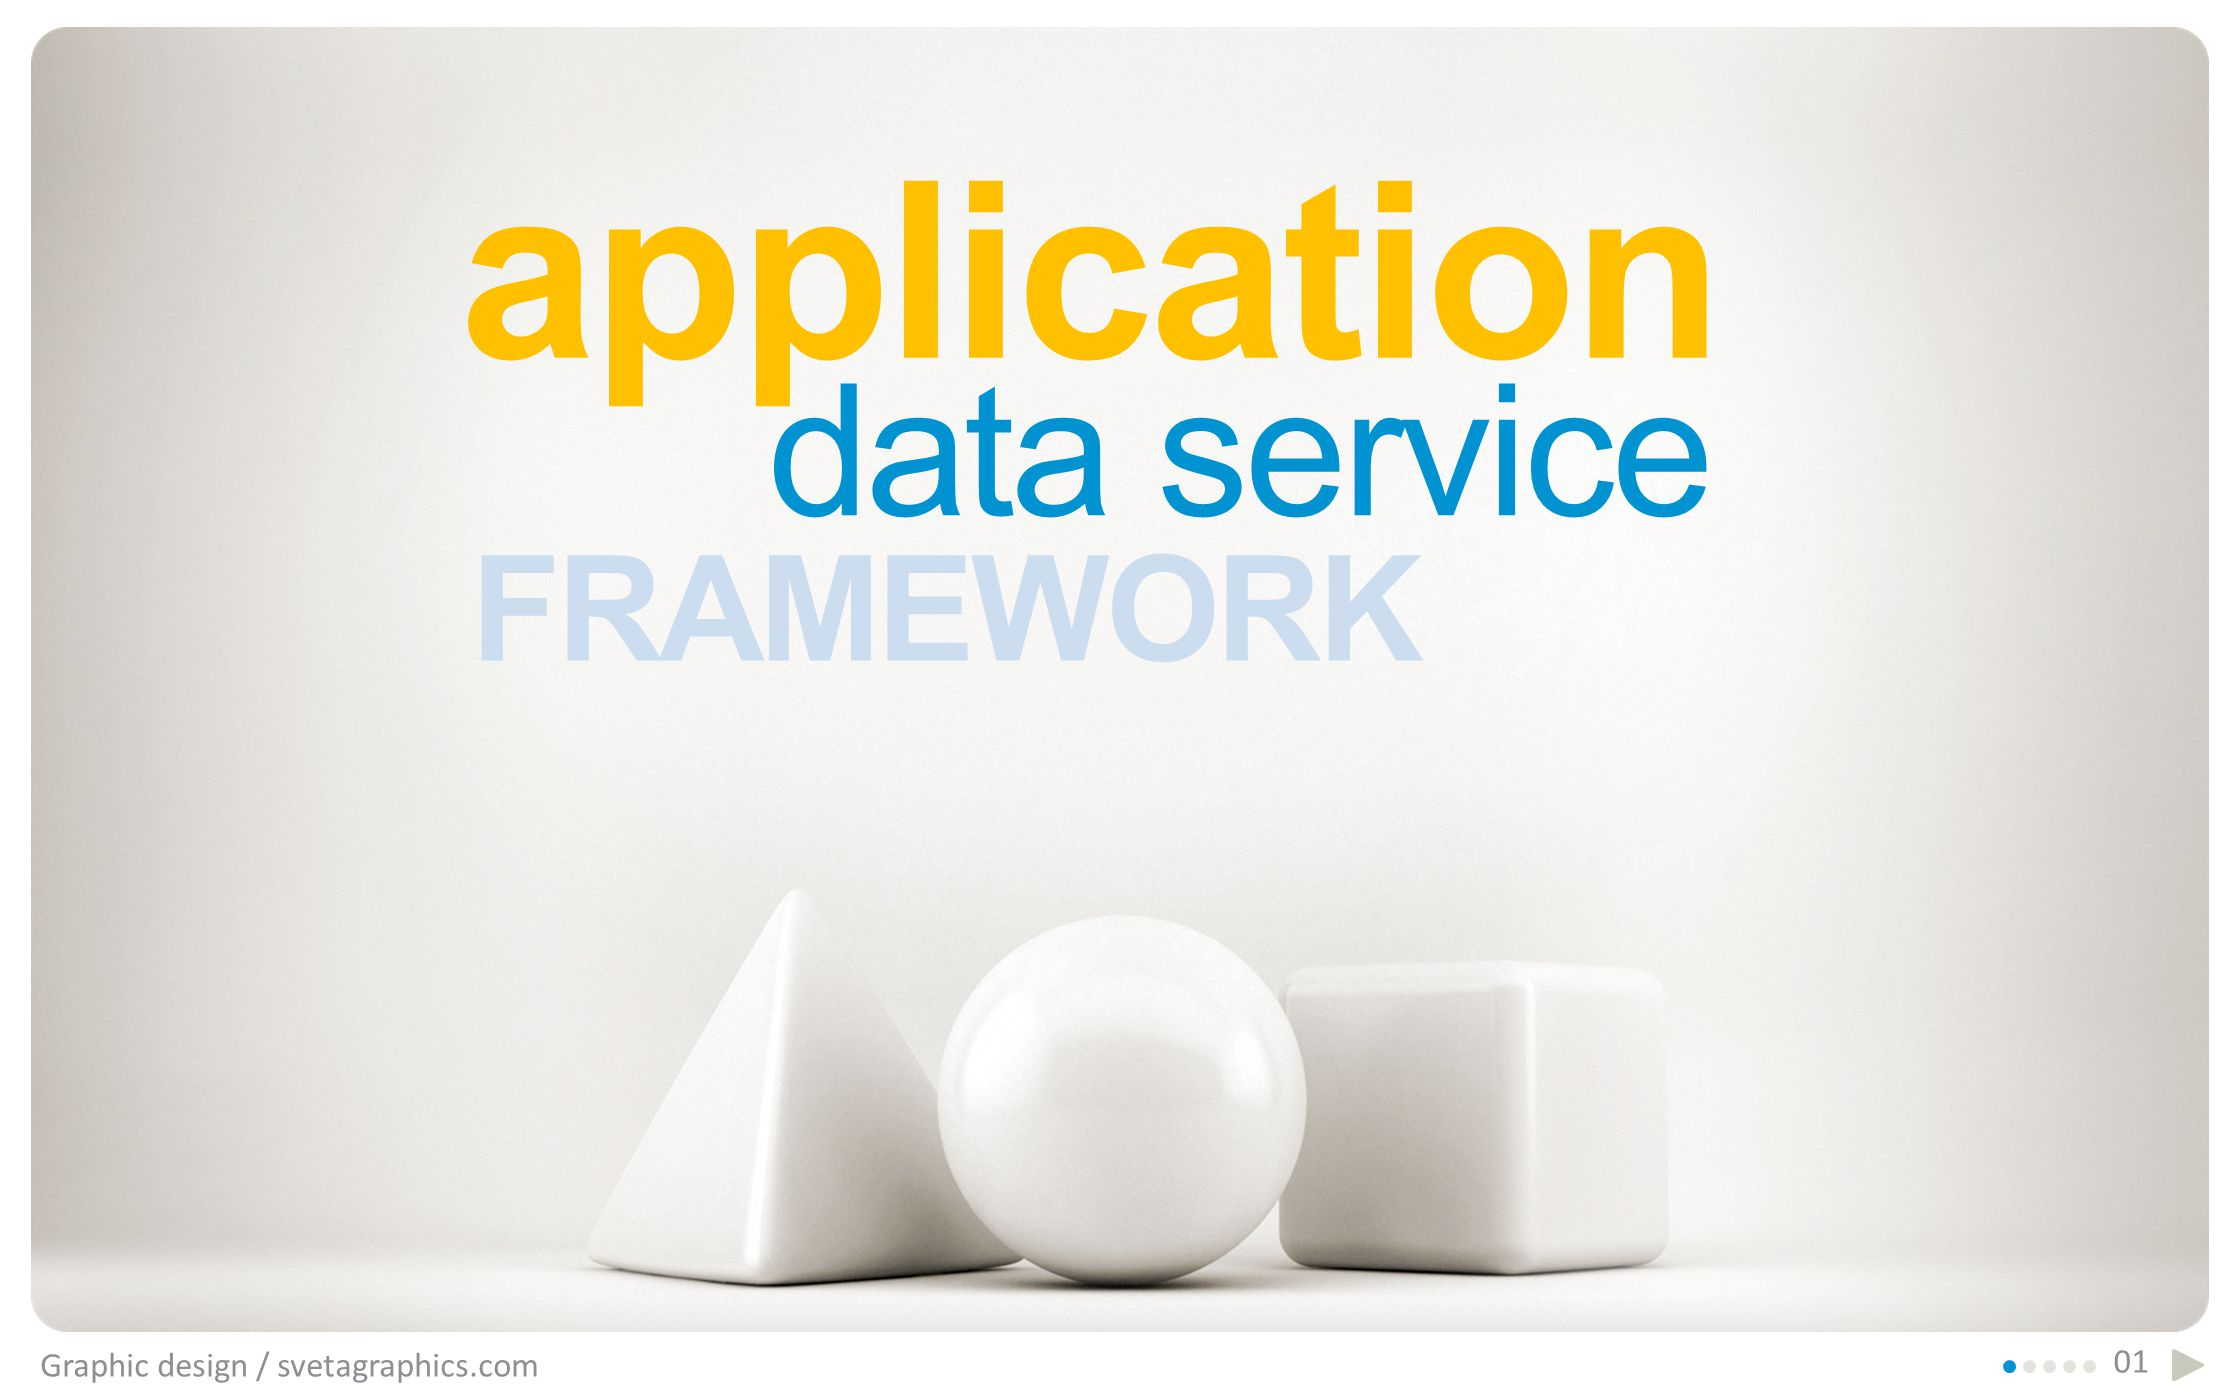 application Graphic design / svetagraphics.com 01 FRAMEWORK data service